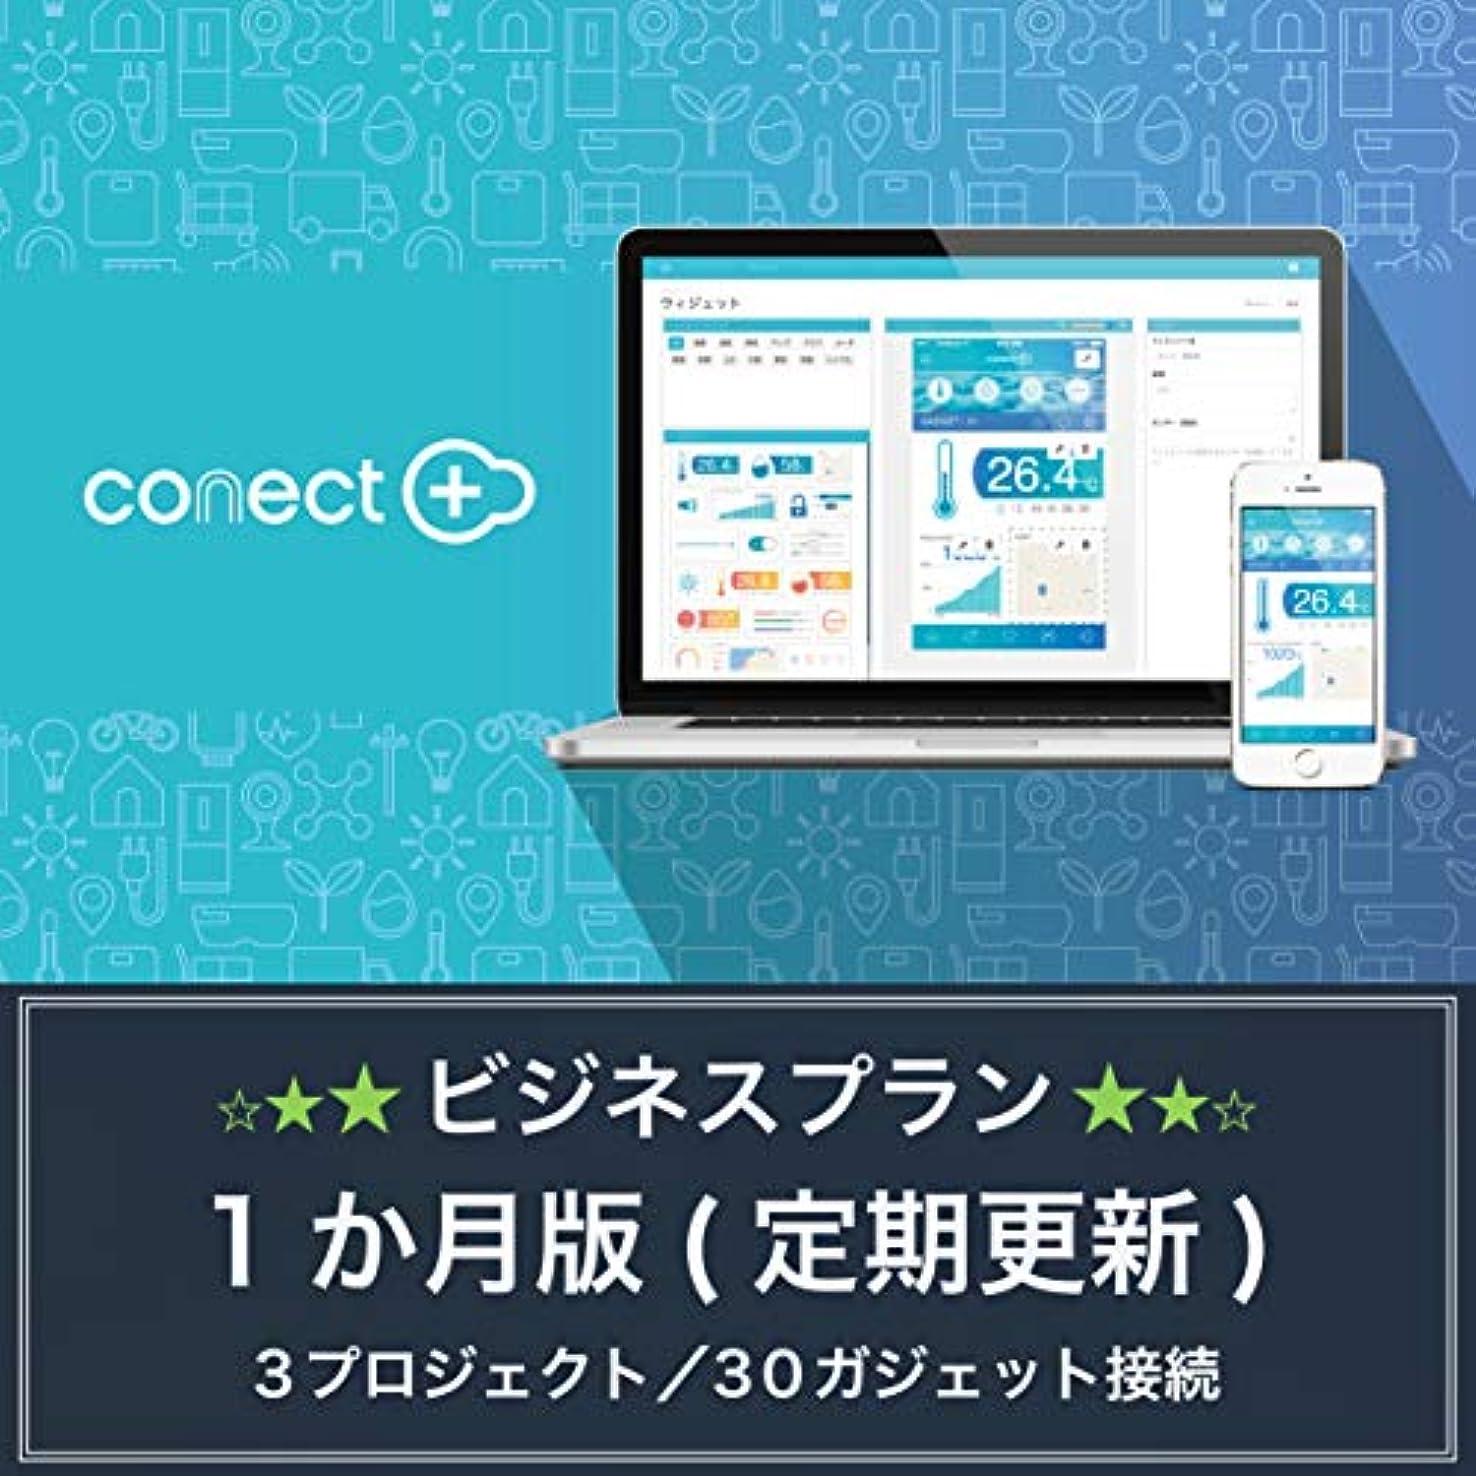 相続人実施するステレオconect+ BUSINESS PLAN   1ヶ月プラン   3プロジェクト/30ガジェット接続   サブスクリプション(定期更新)